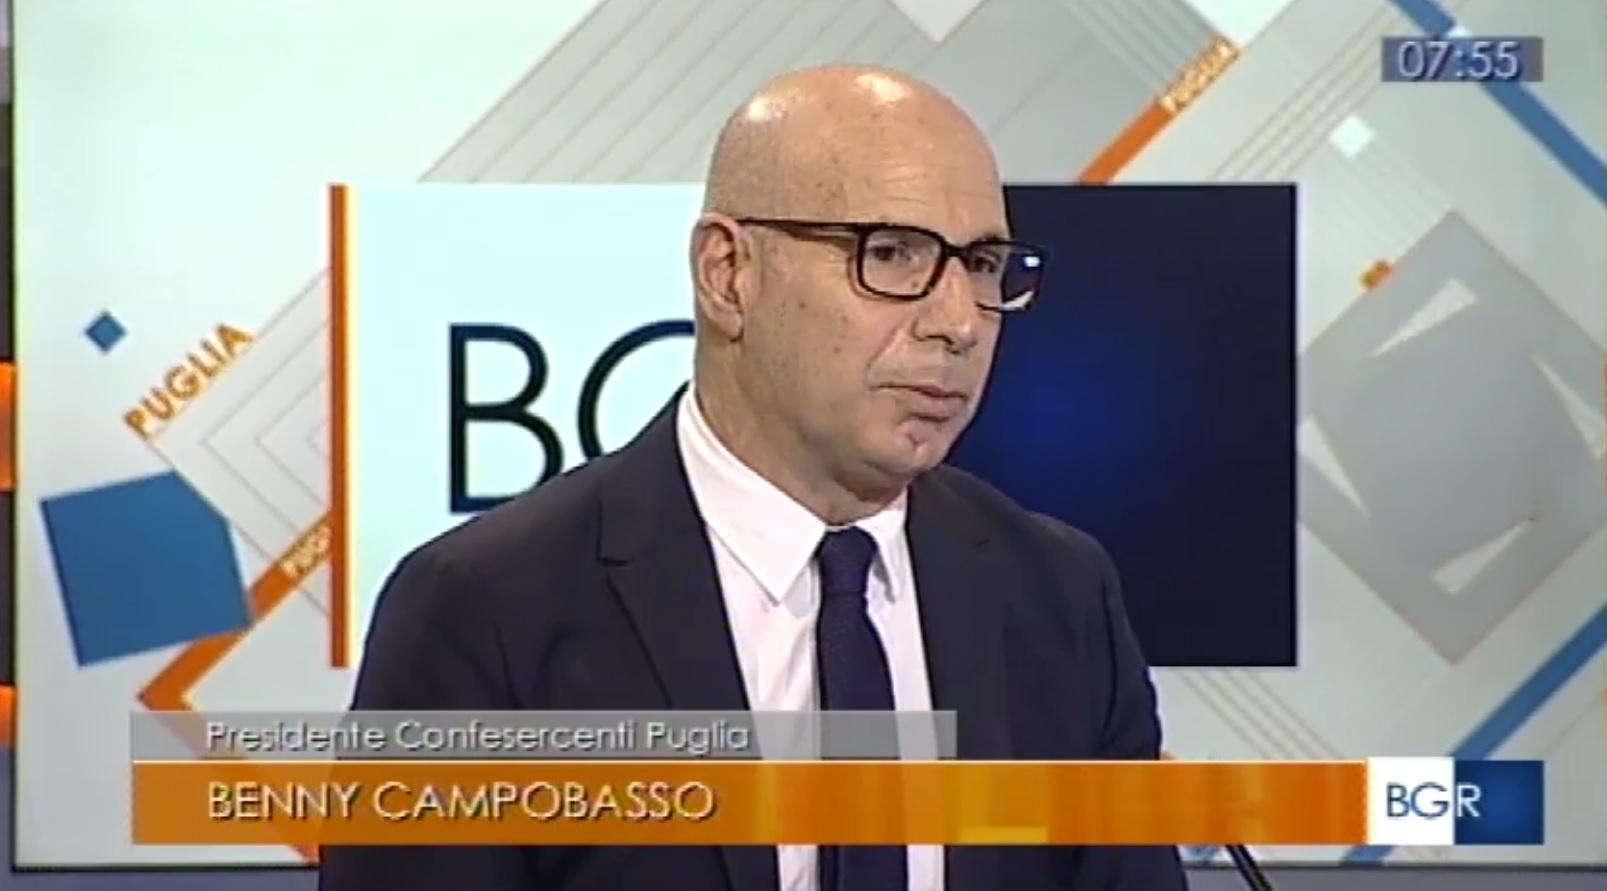 Confesercenti, la Regione Puglia non ascolta le istanze degli esercenti del commercio